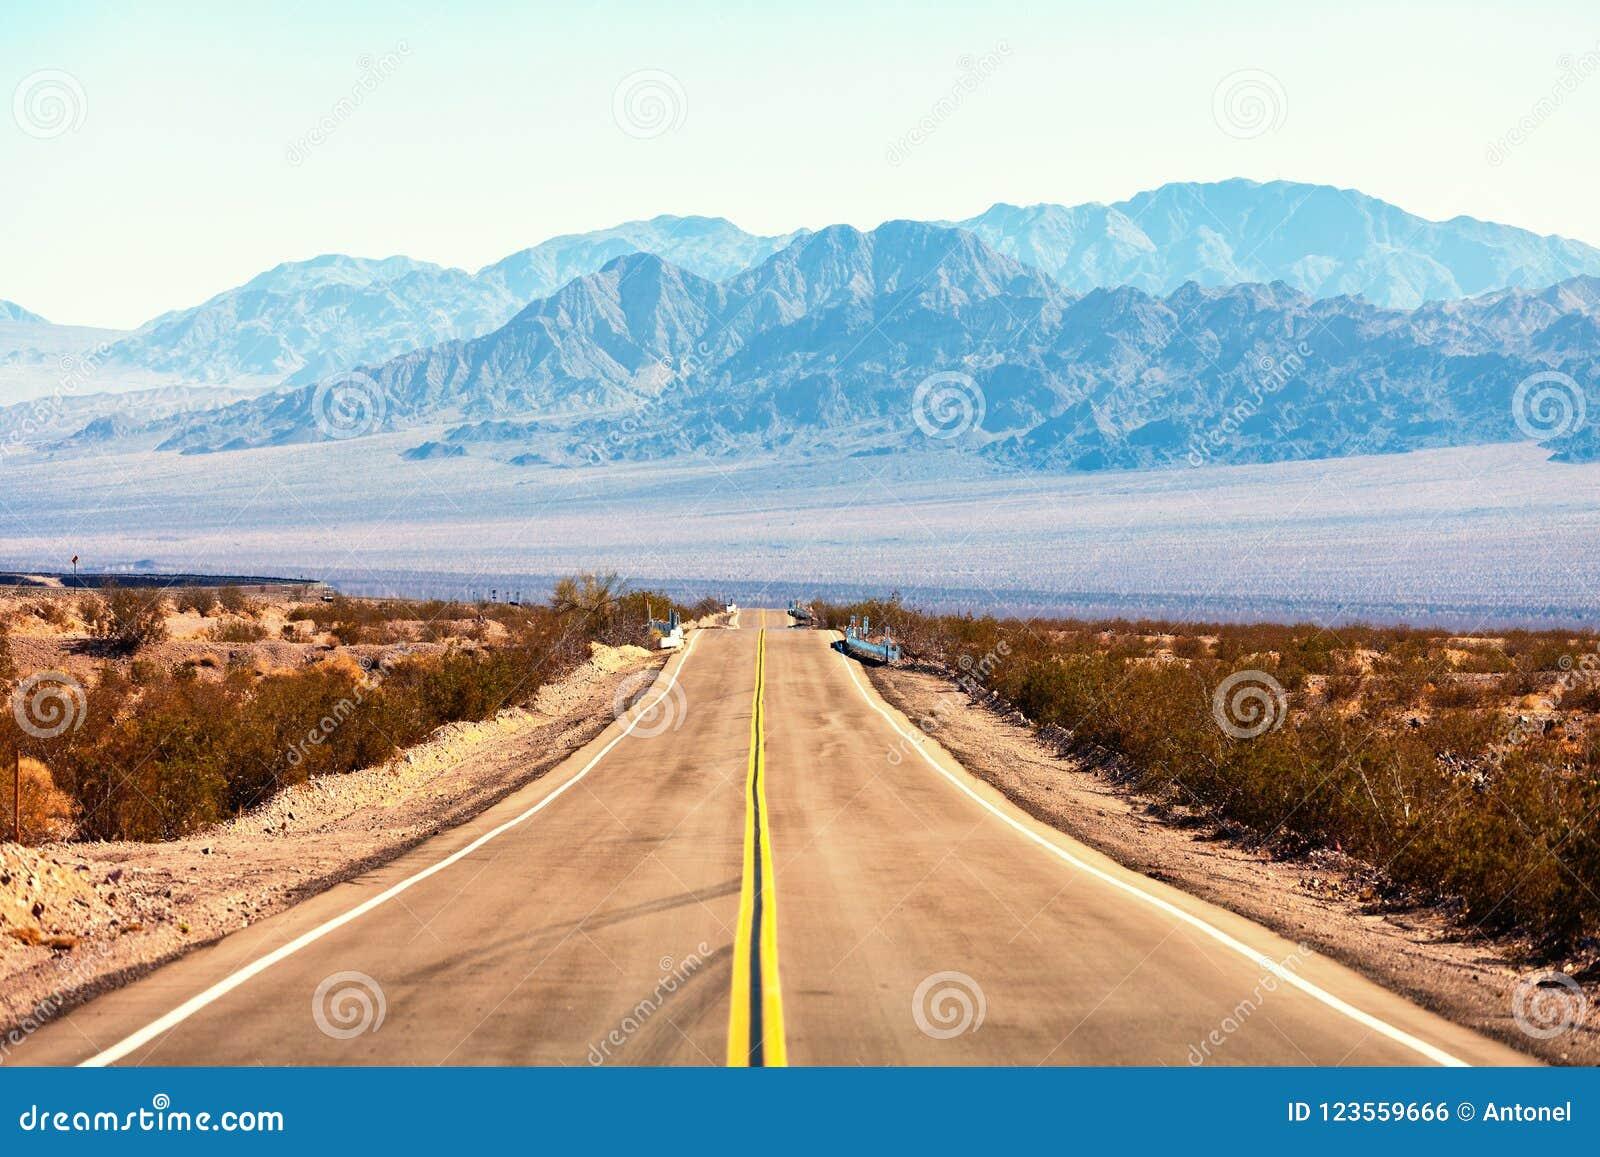 Взгляд от трассы 66, пустыня Мохаве, южная Калифорния, Соединенные Штаты